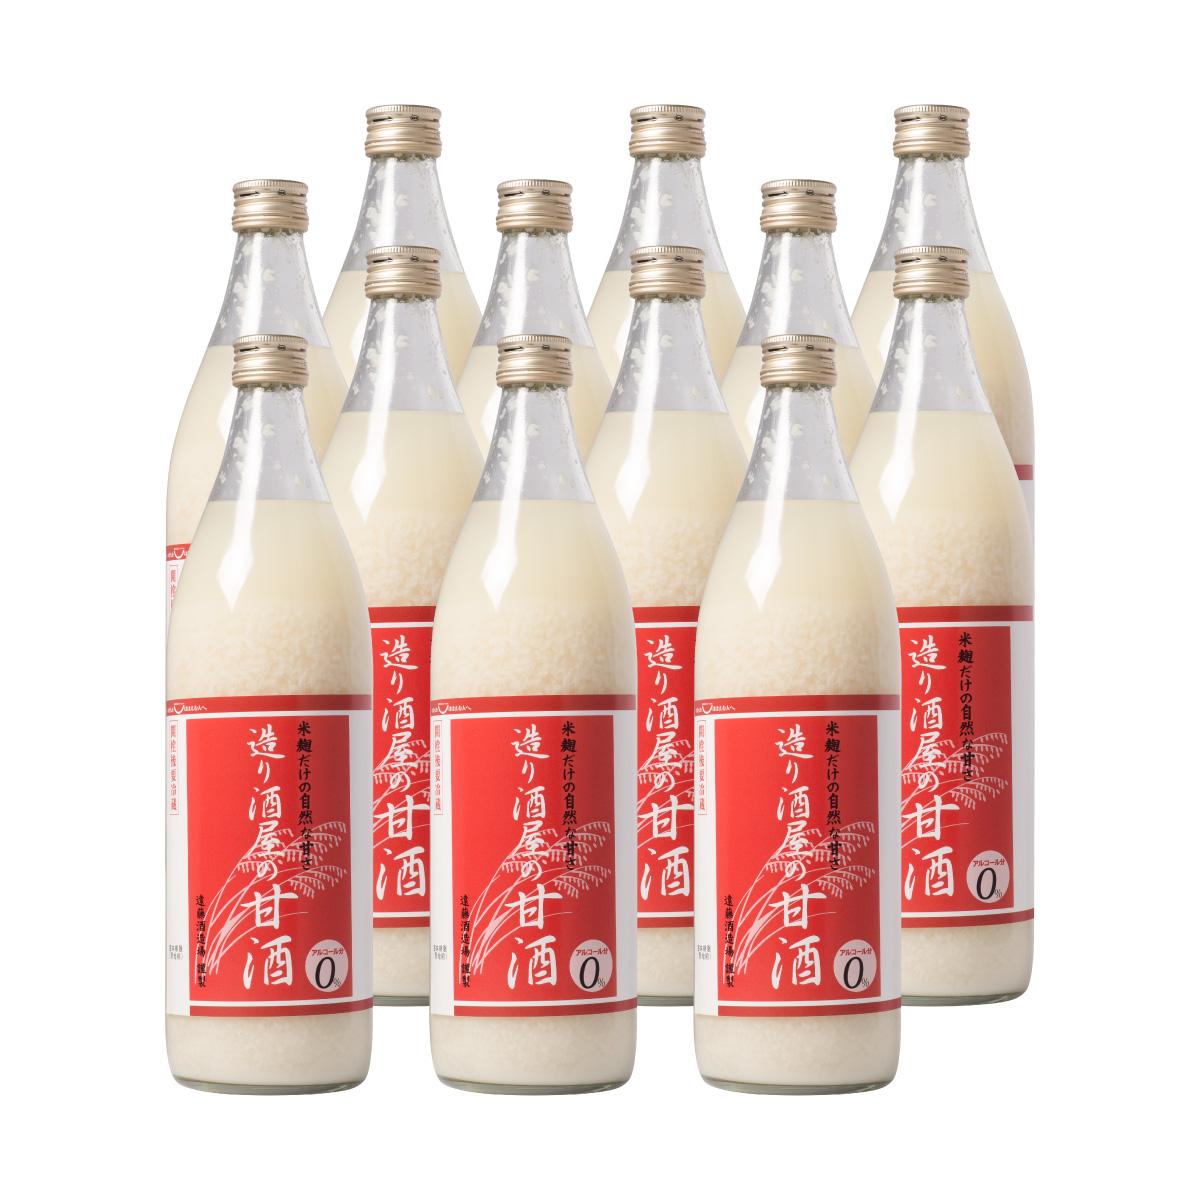 【ふるさと納税】造り酒屋の甘酒(無添加)900ml12本セット 【飲料・あまざけ】